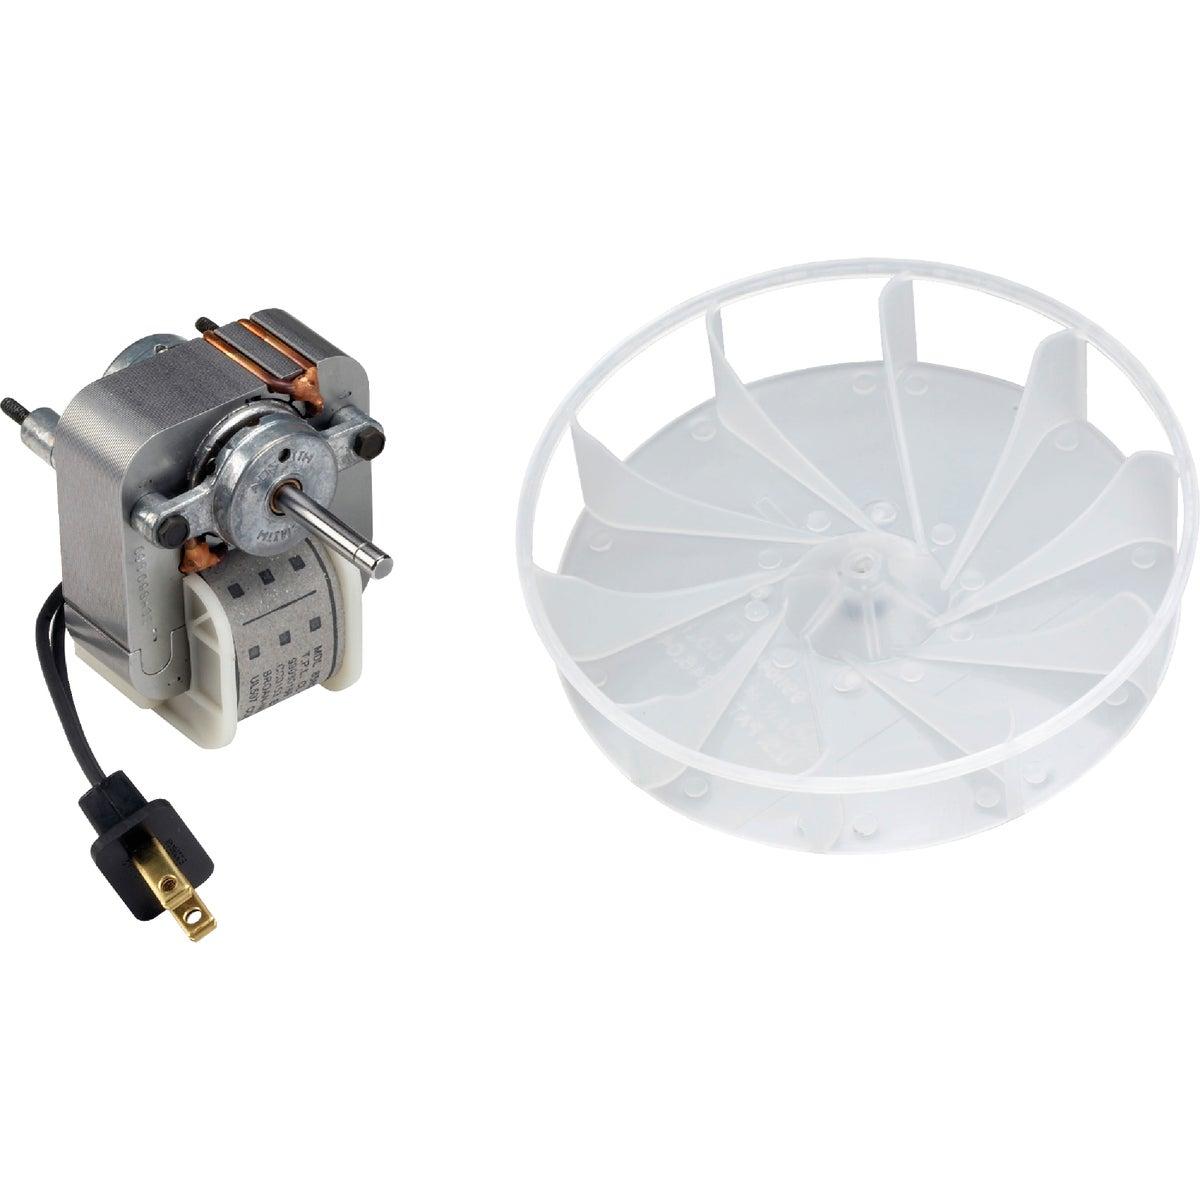 Broad Motor/Wheel Bath Exhaust Fan, BP51